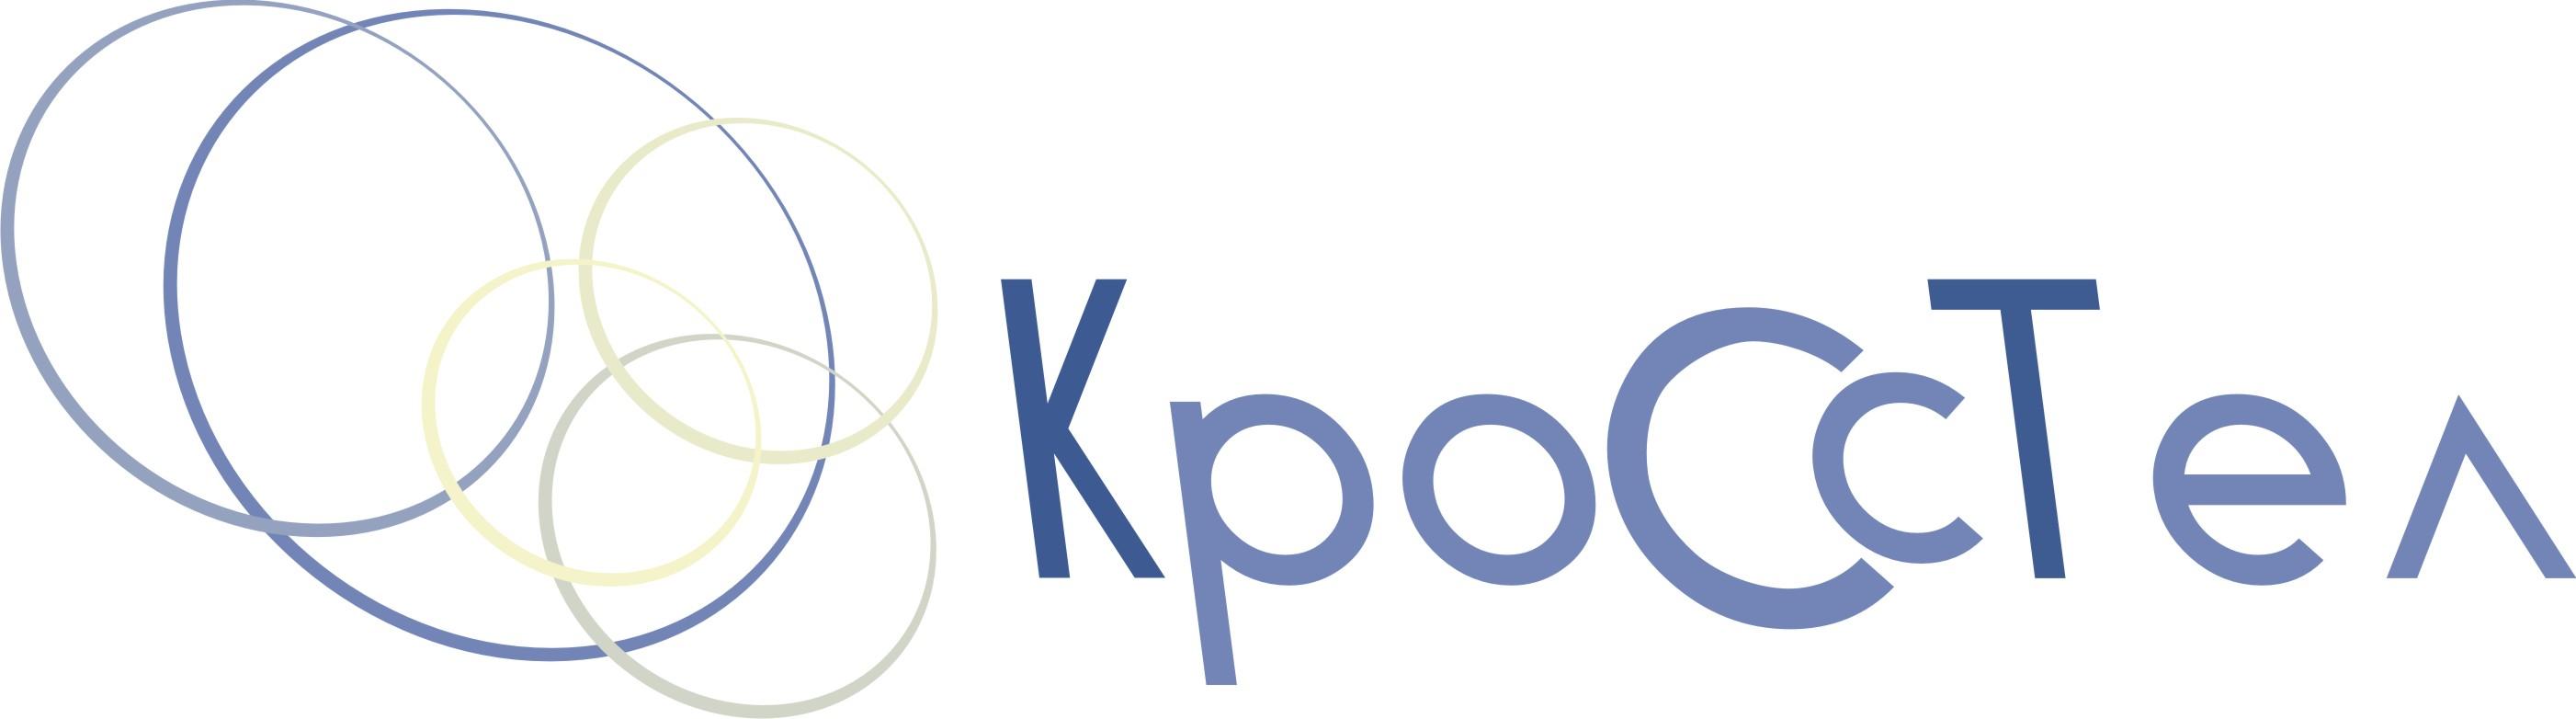 Логотип для компании оператора связи фото f_4ed55a88aaf43.jpg